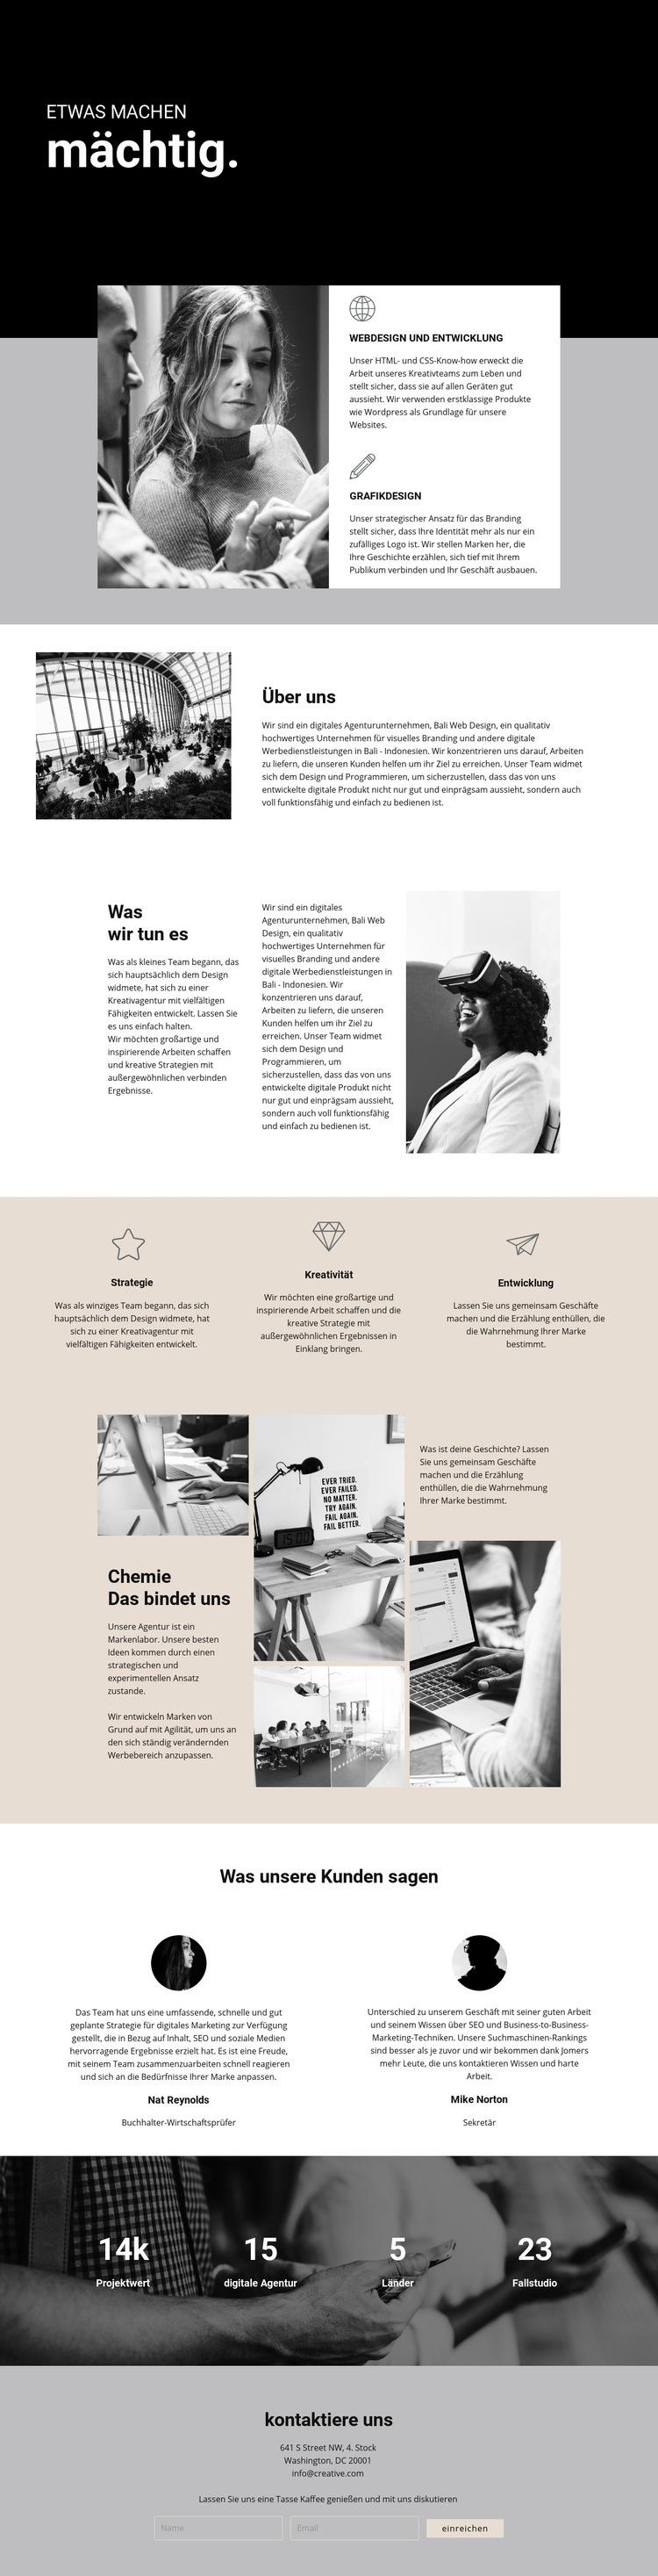 Macht des digitalen Geschäfts Website-Vorlage